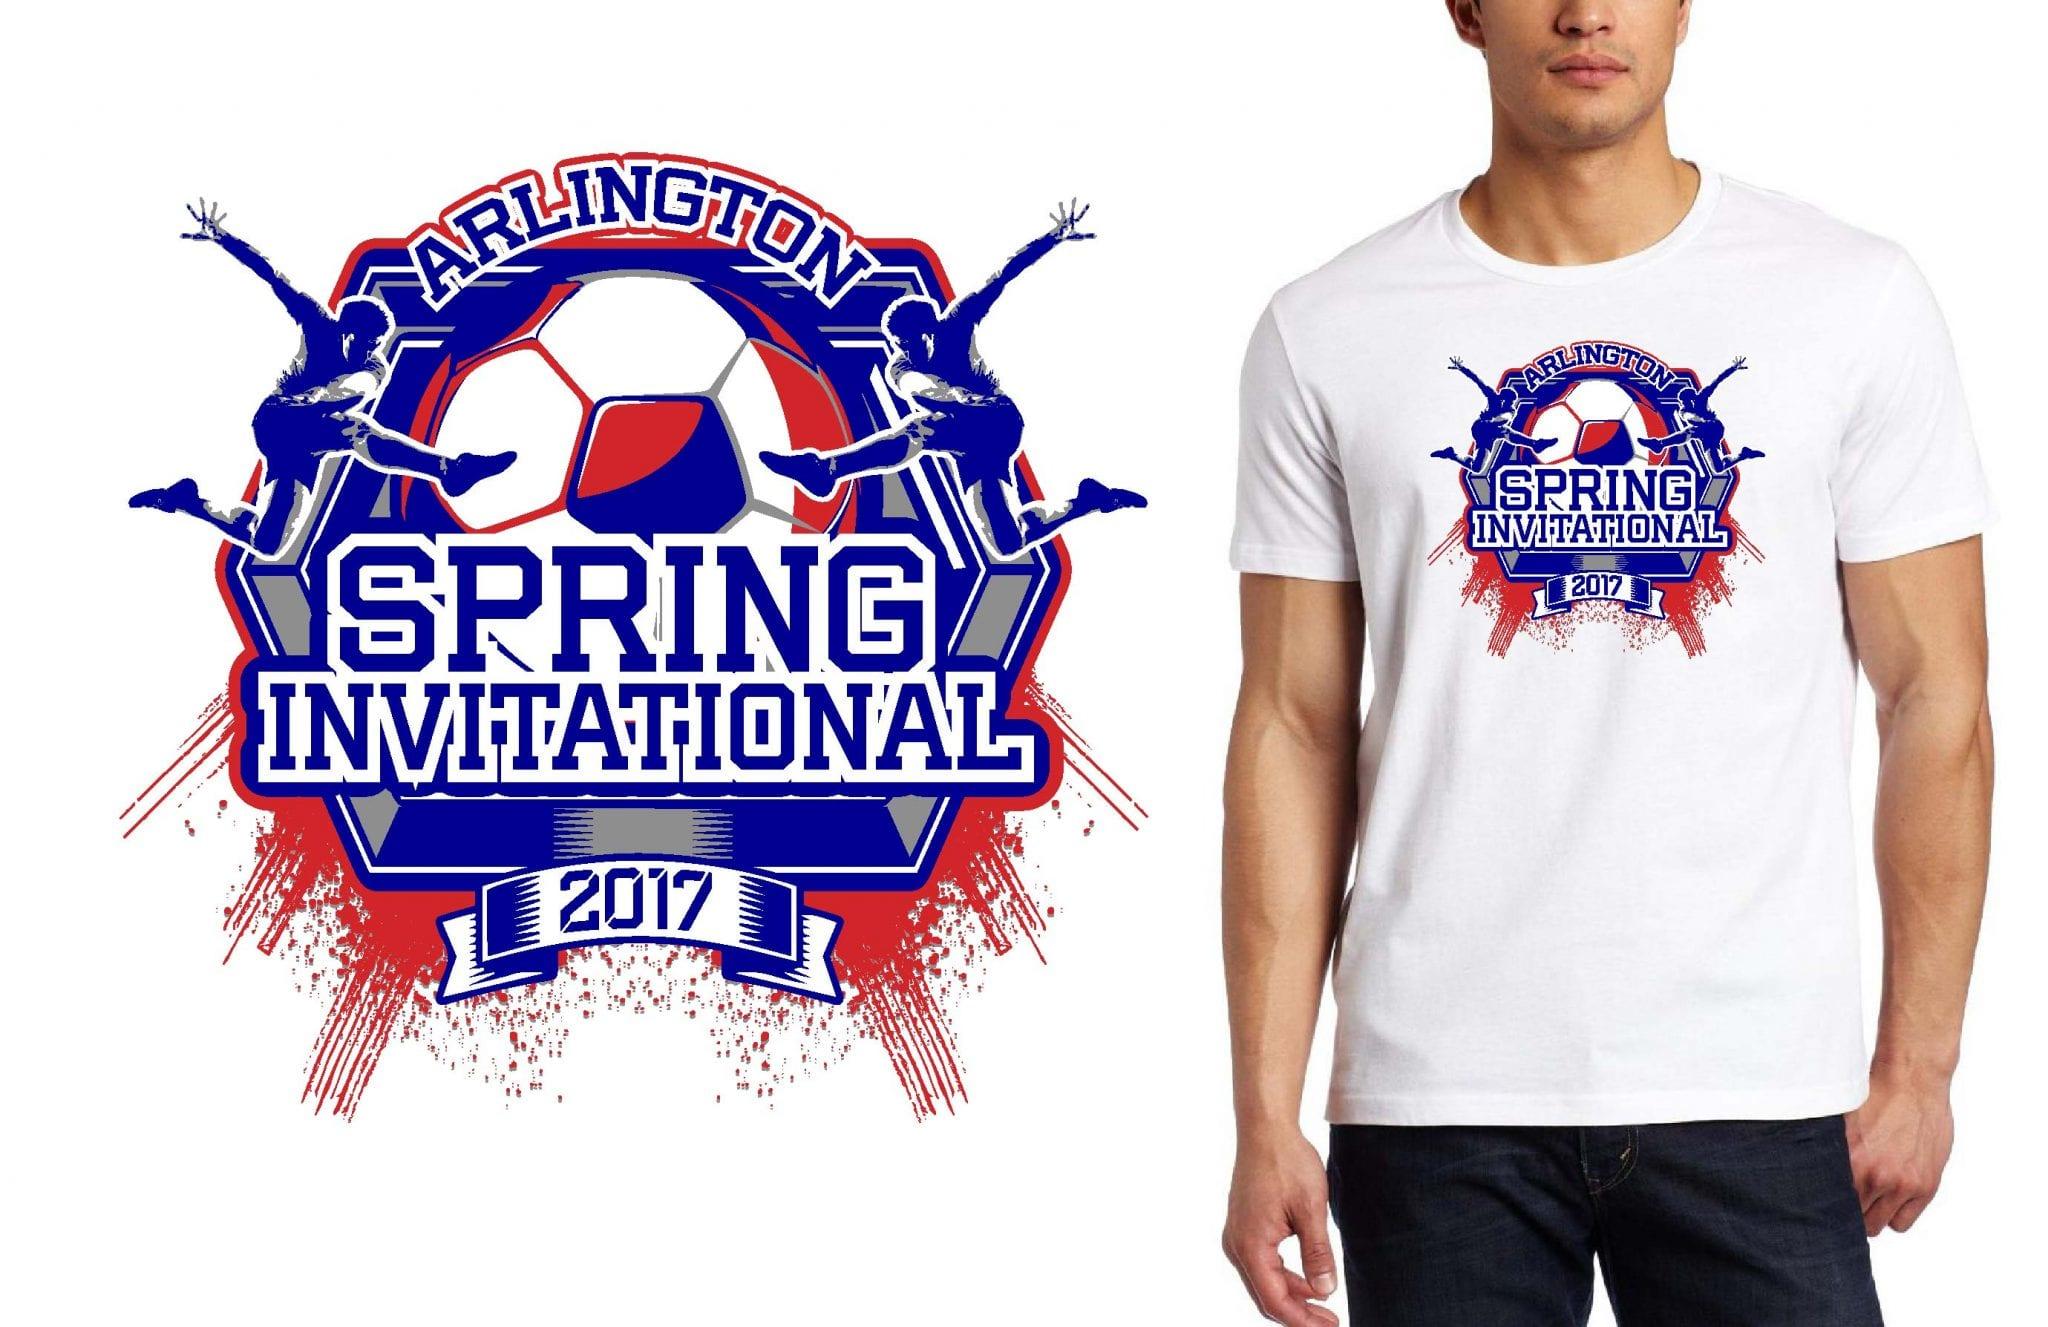 BOY SOCCER TSHIRT LOGO DESIGN for Arlington-Spring-Invitational BY UrArtStudio